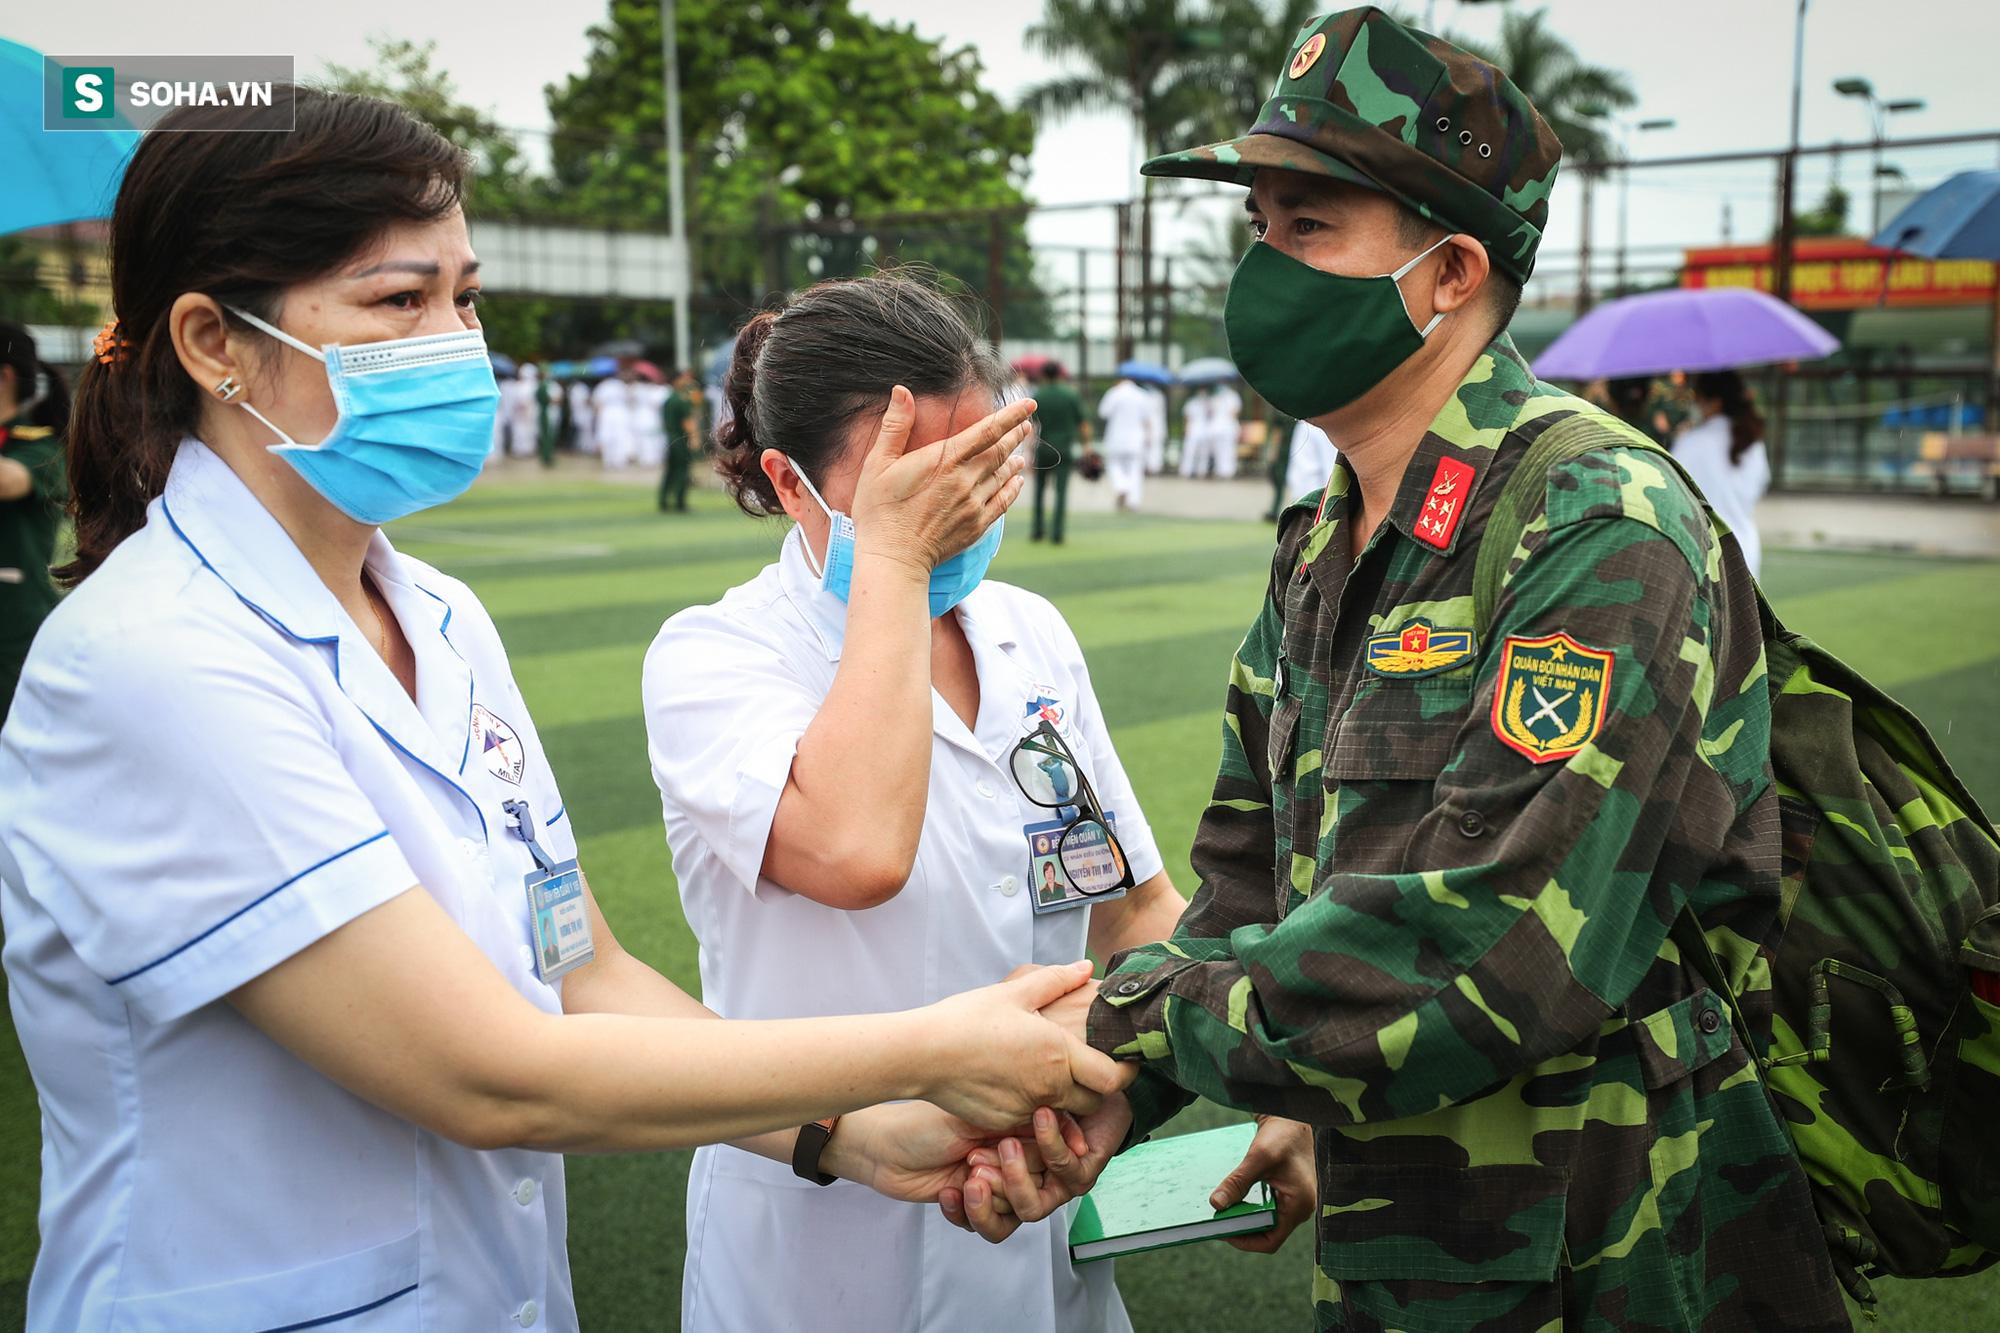 Khoảnh khắc xúc động của 130 y bác sĩ lên đường chi viện cho miền Nam chống dịch - Ảnh 8.